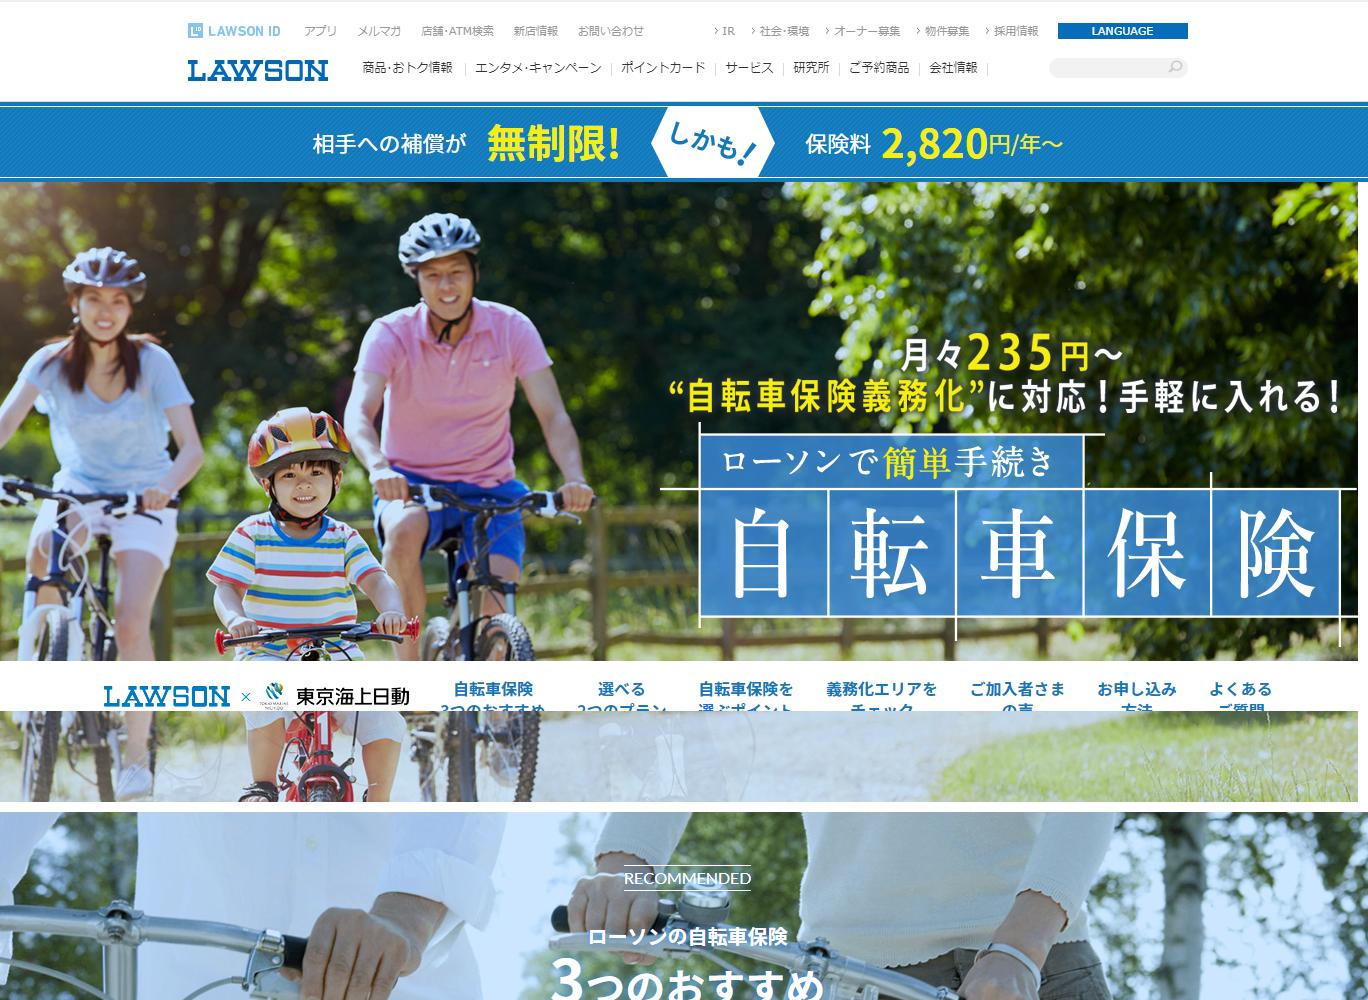 ローソン自転車保険